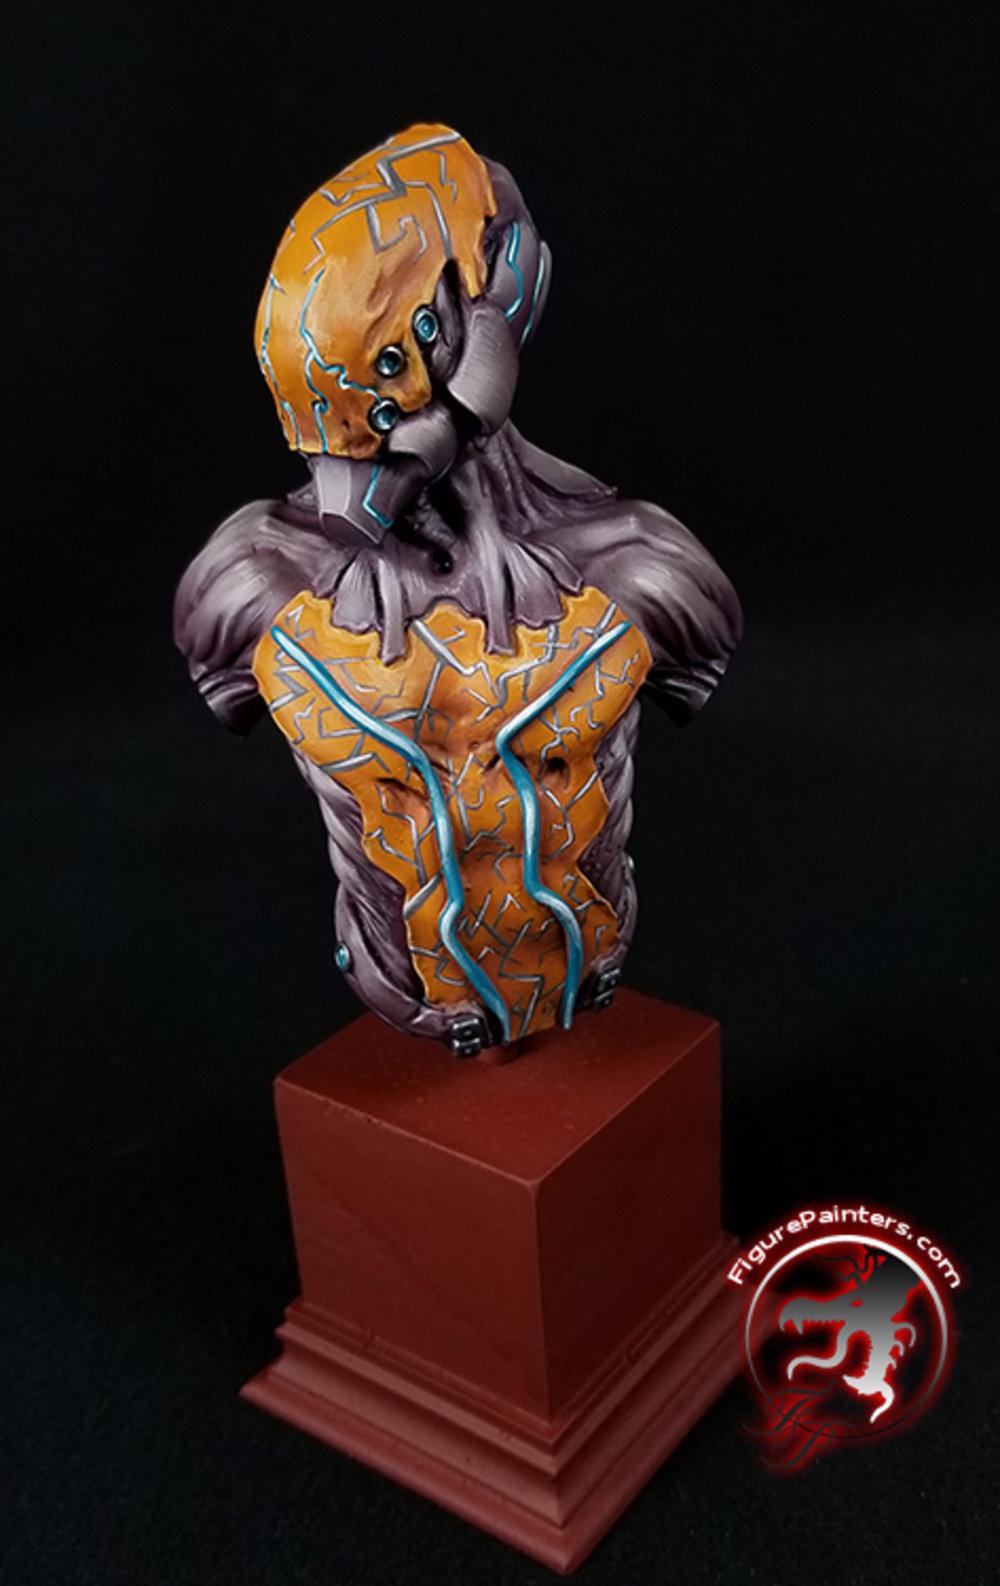 biomorph-busts-06.jpg